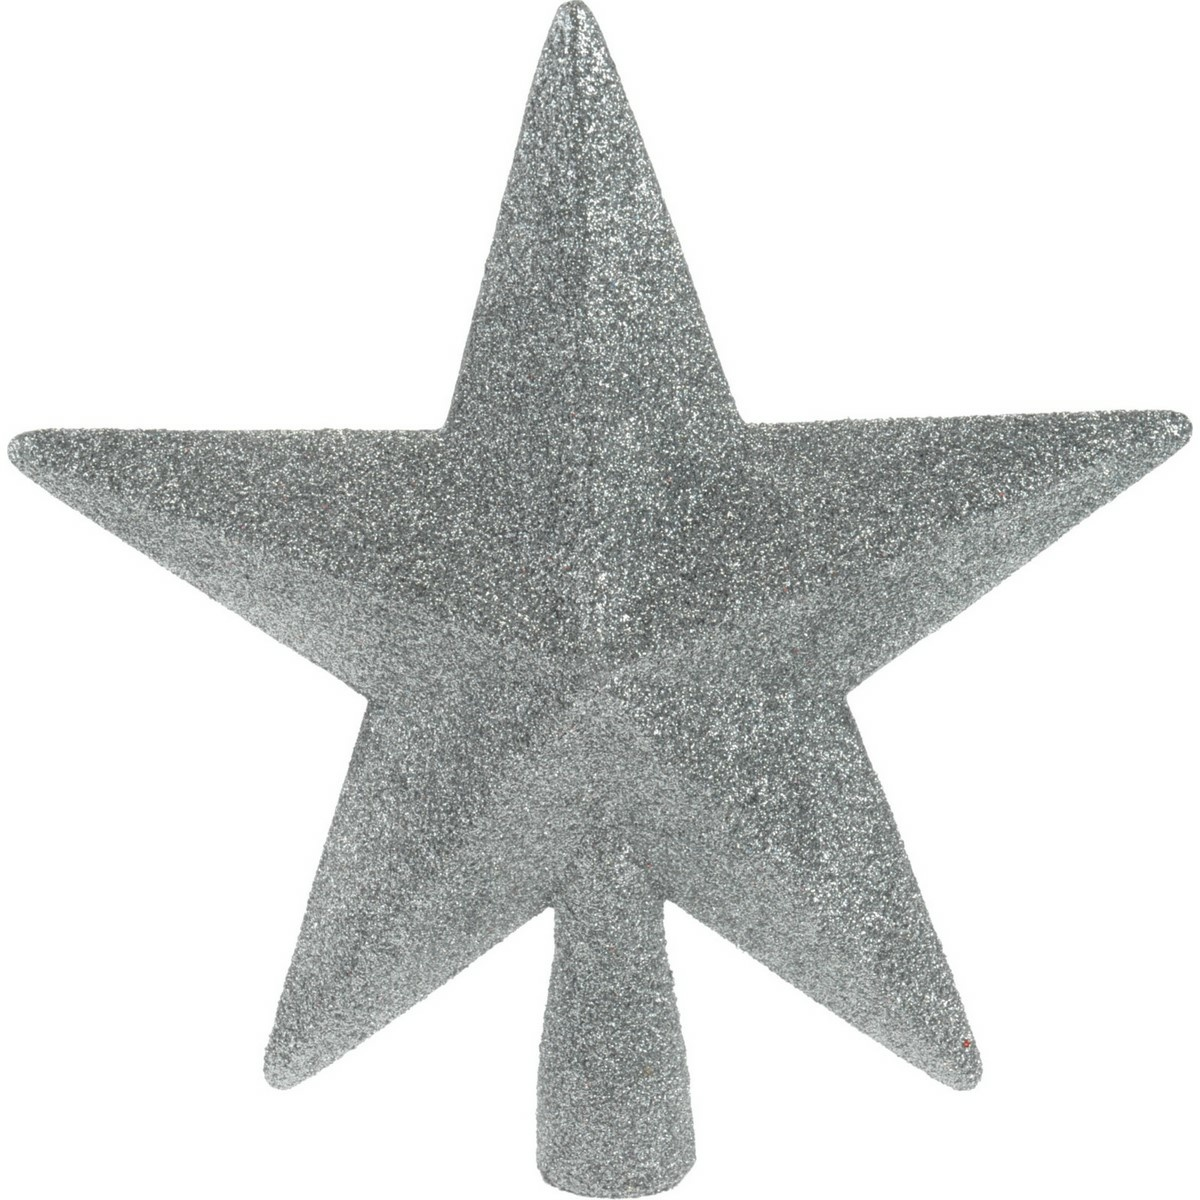 Vánoční špička na stromeček hvězda Oliveri stříbrná, 19 x 5 cm